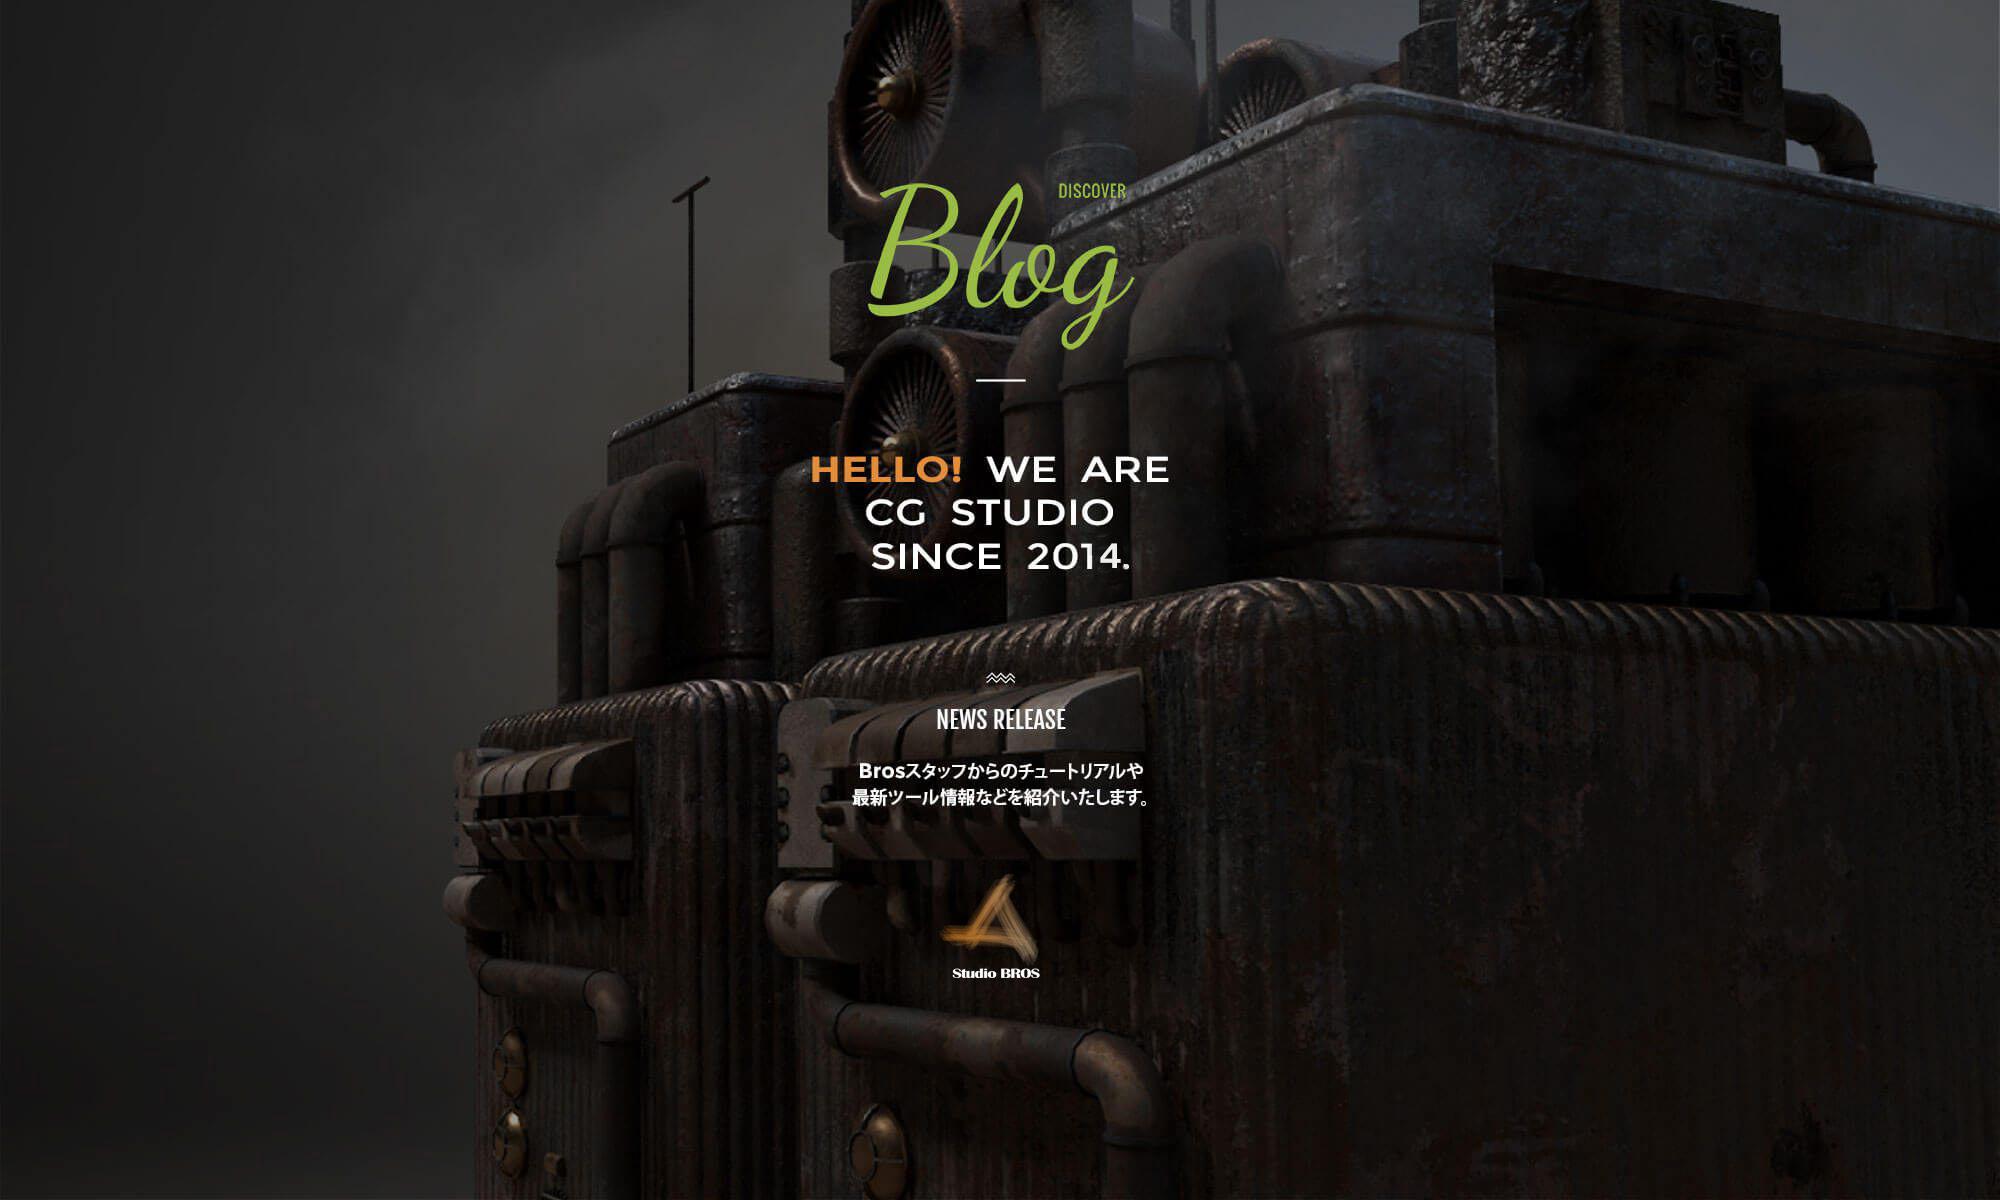 StudioBrosのブロブロ・ブログ